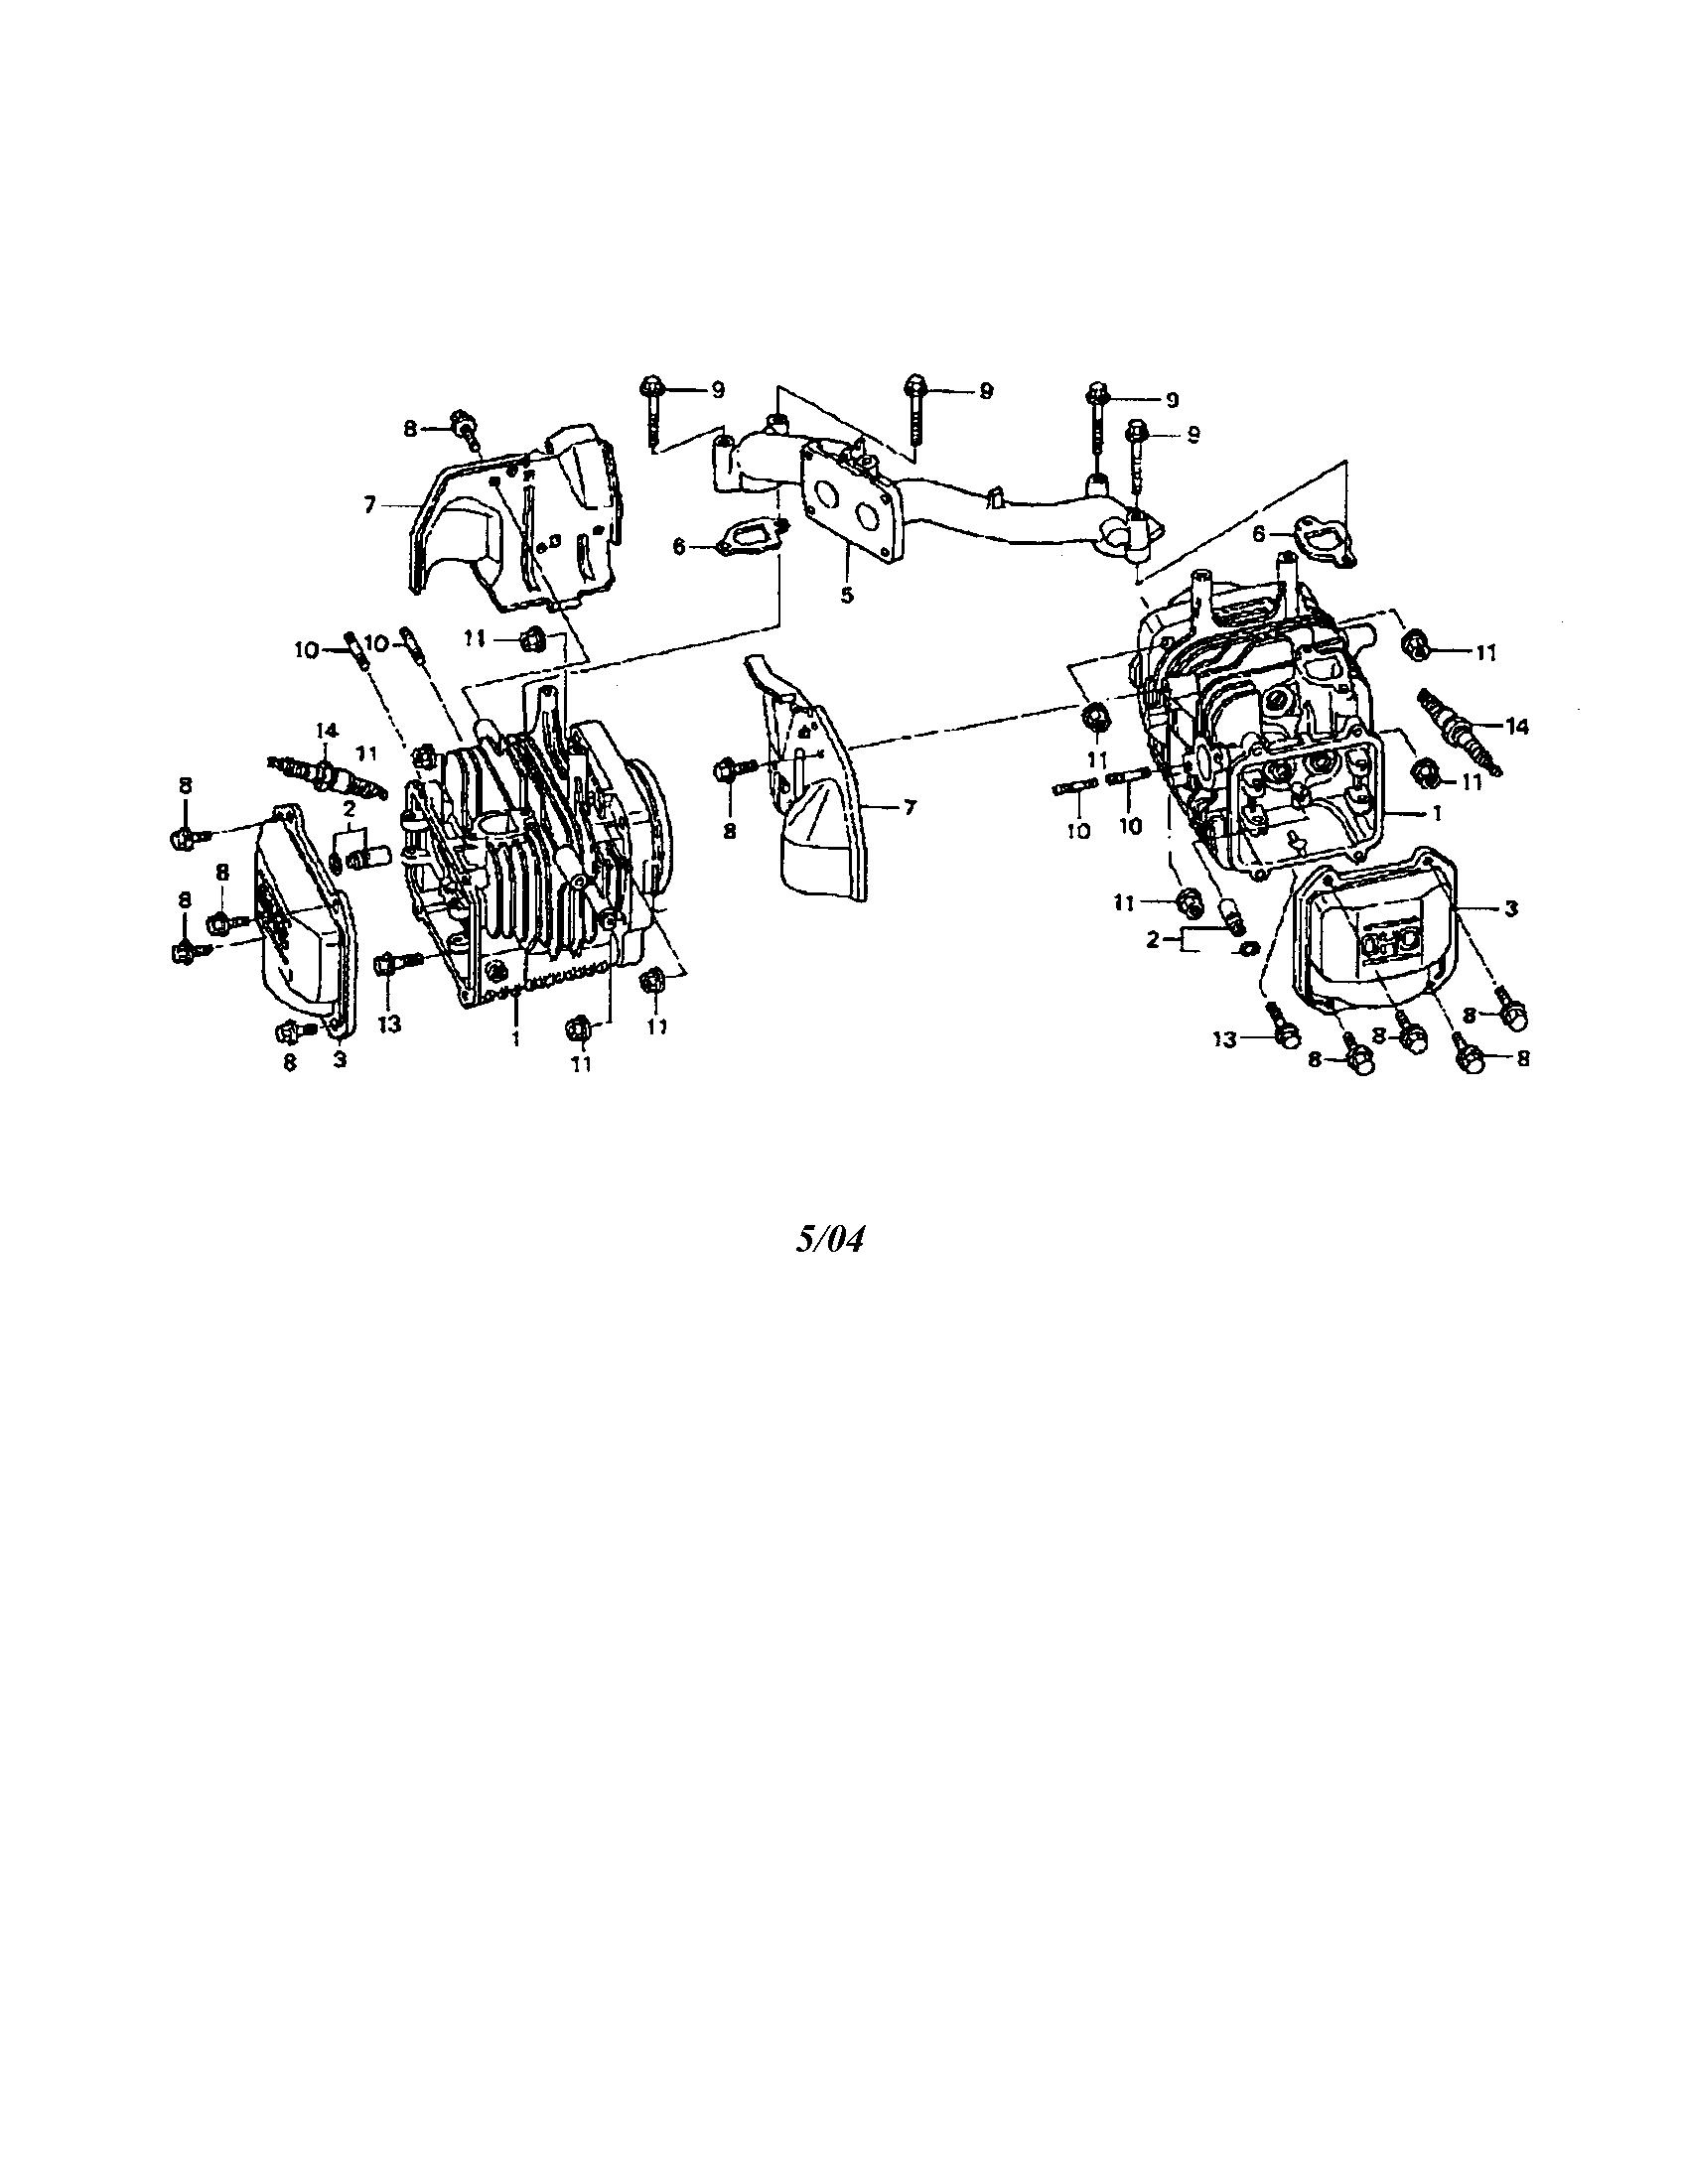 Honda model GCV-530-EXA2 engine genuine parts